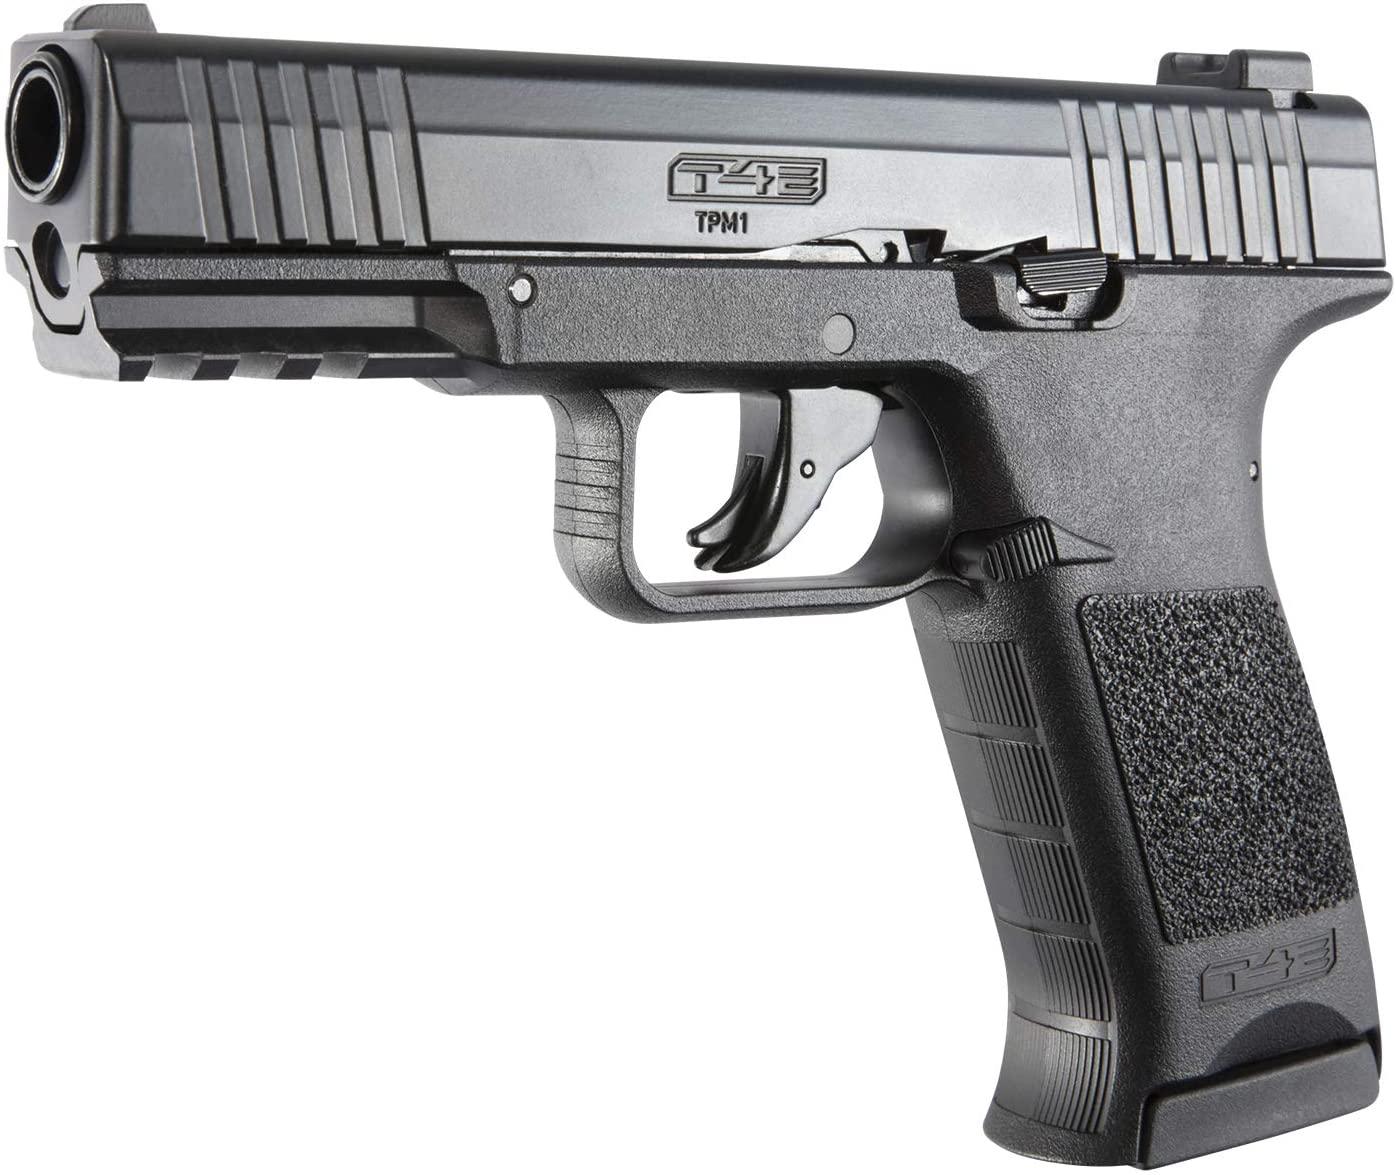 Pistolet de défense T4E TPM 1 CAL 0.43 CO2 Black - 8 coups UMAREX